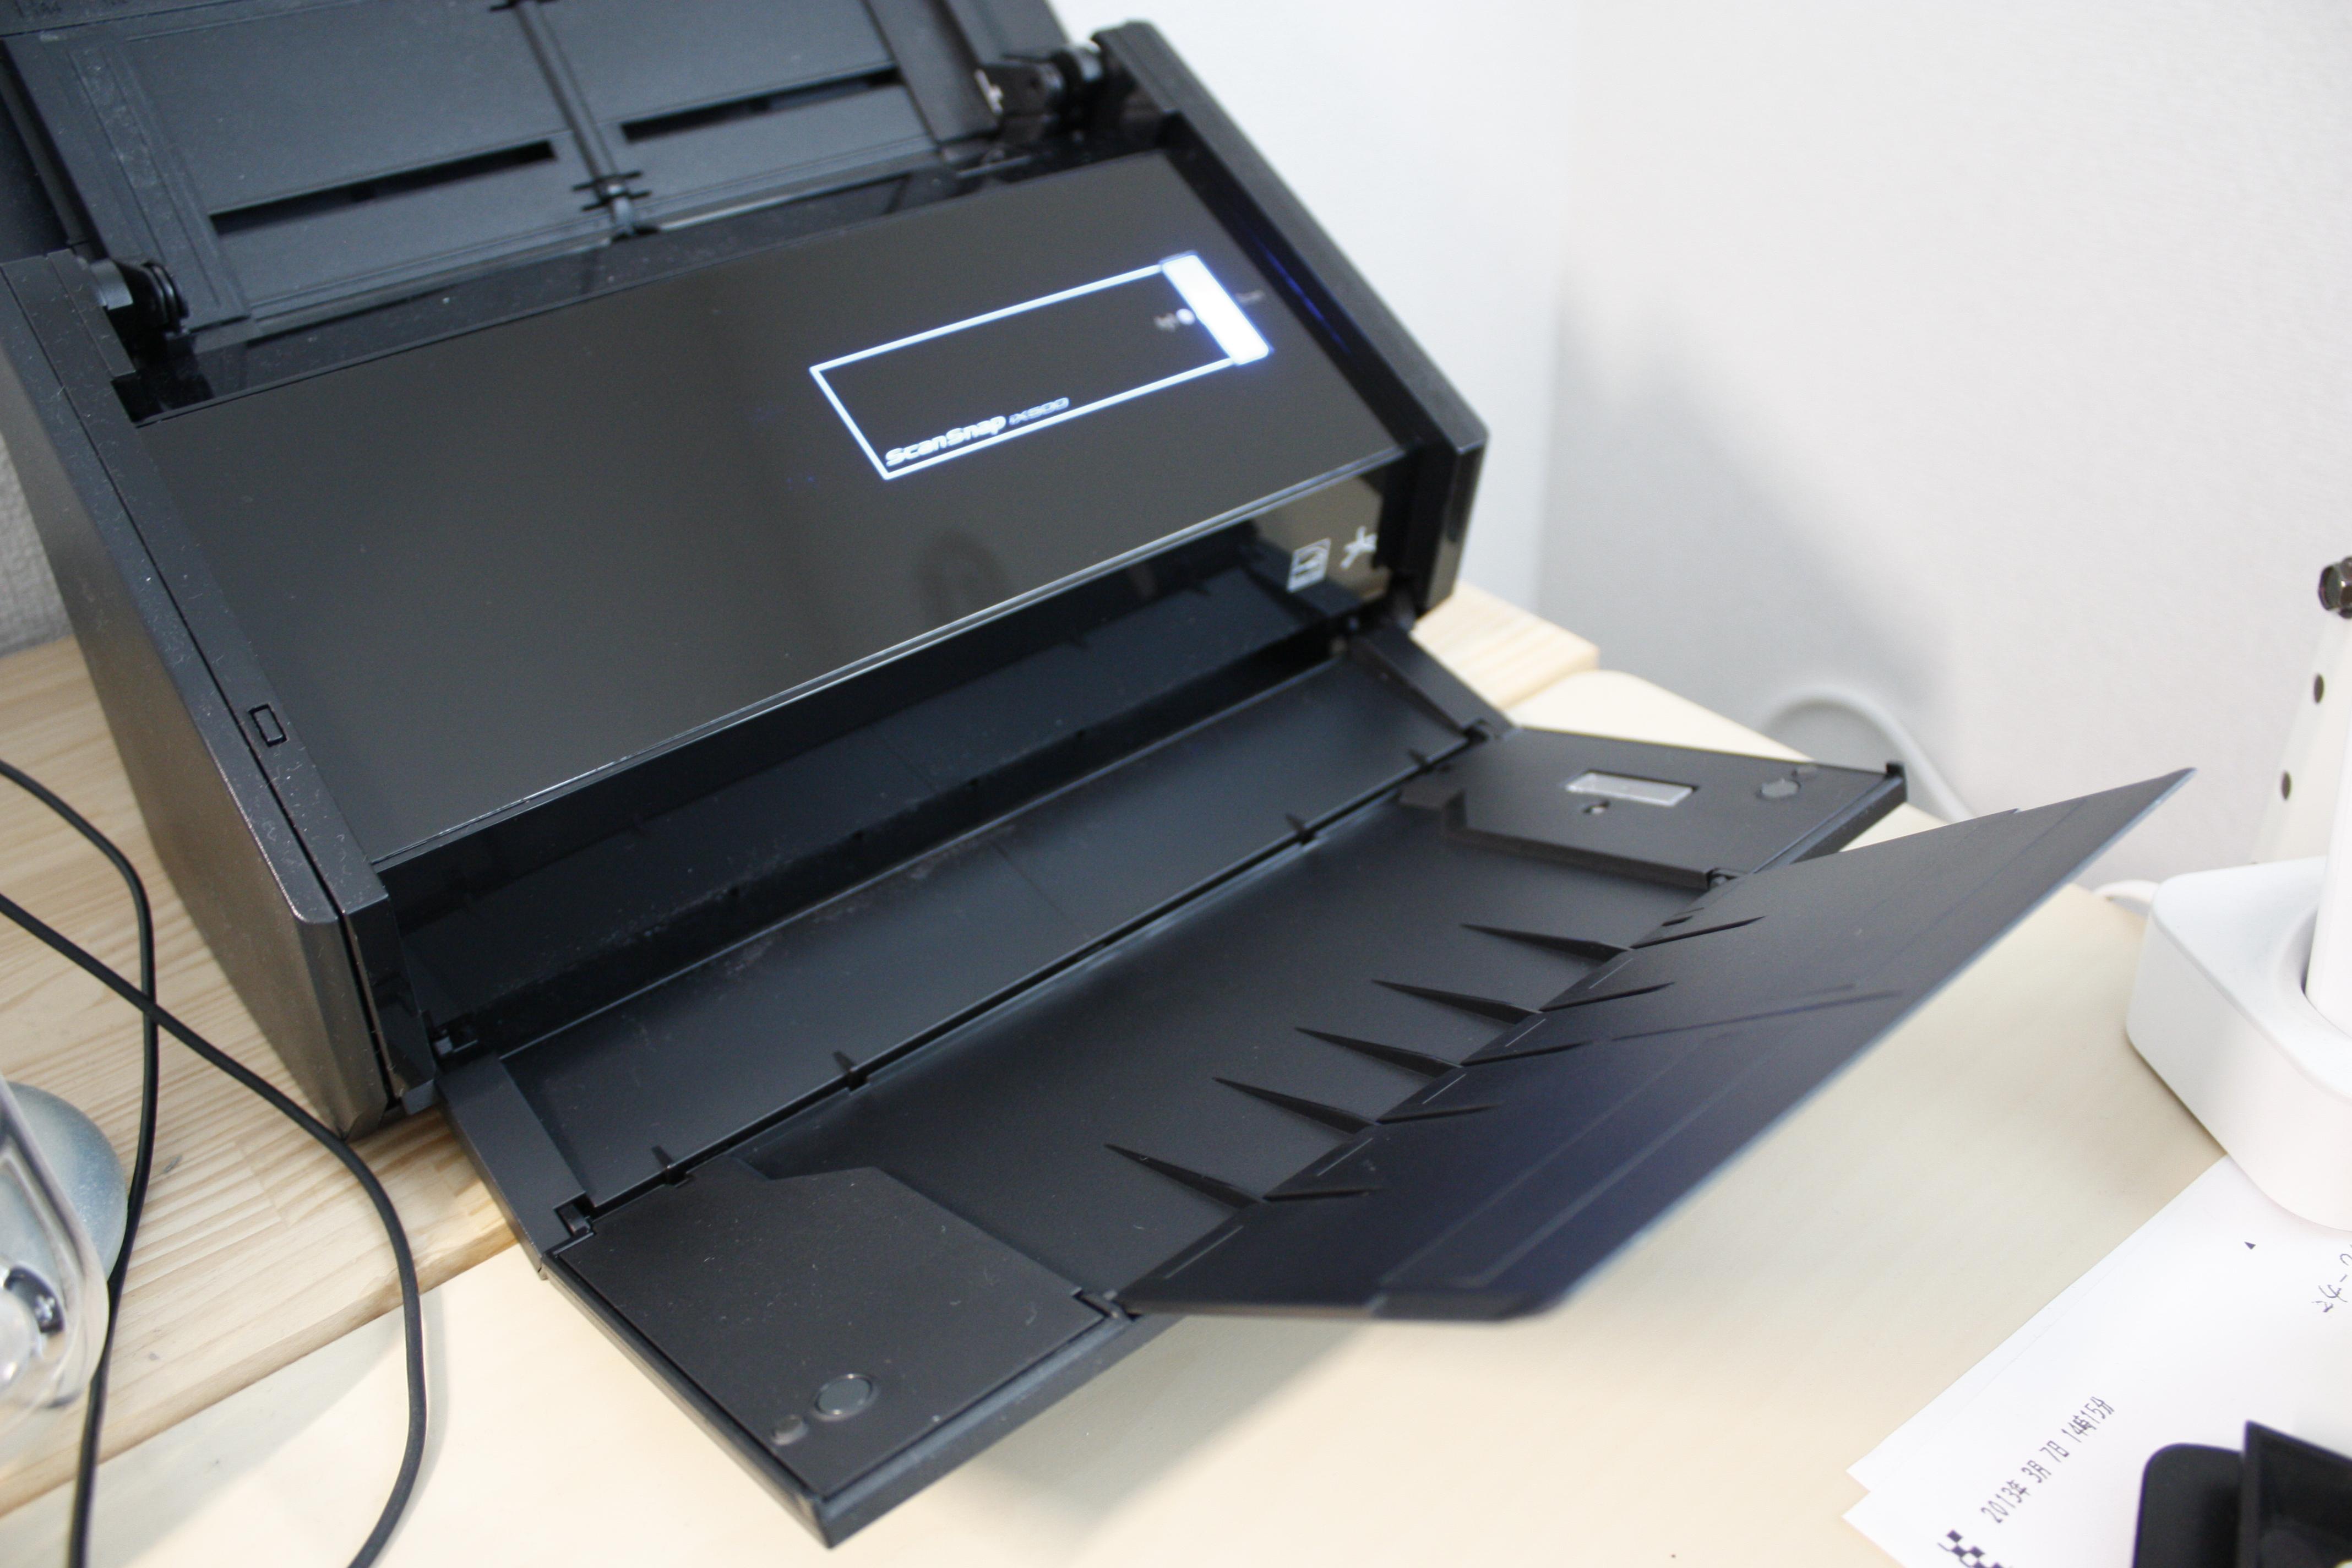 購入したScanSnap iX500という富士通のスキャナの排紙部分の写真2